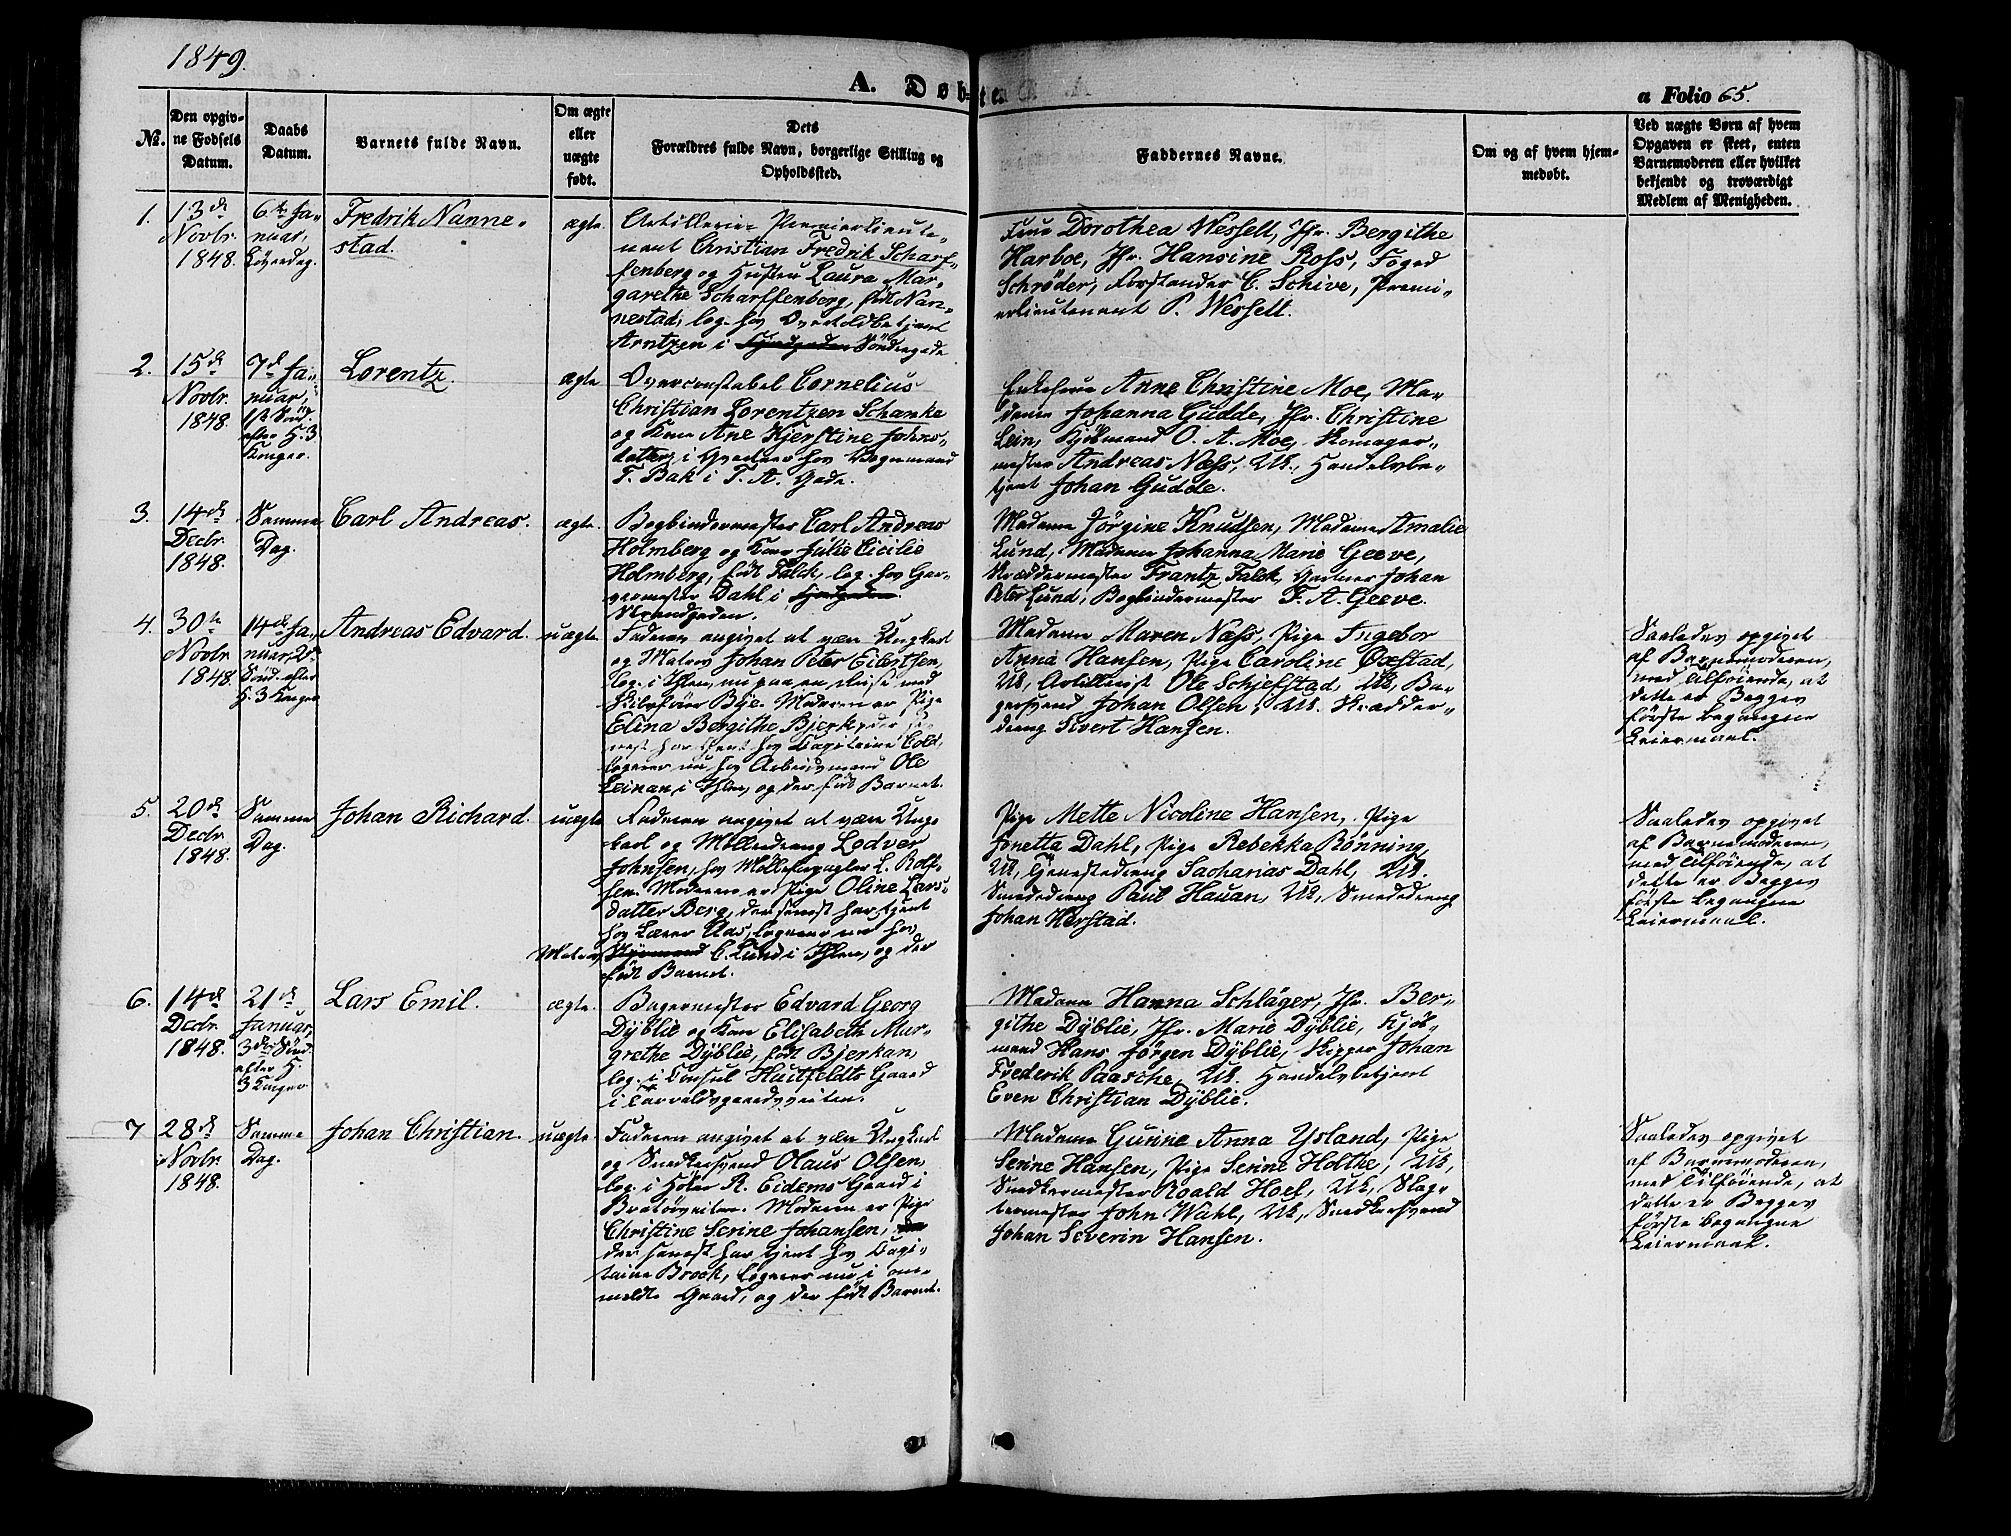 SAT, Ministerialprotokoller, klokkerbøker og fødselsregistre - Sør-Trøndelag, 602/L0137: Klokkerbok nr. 602C05, 1846-1856, s. 65